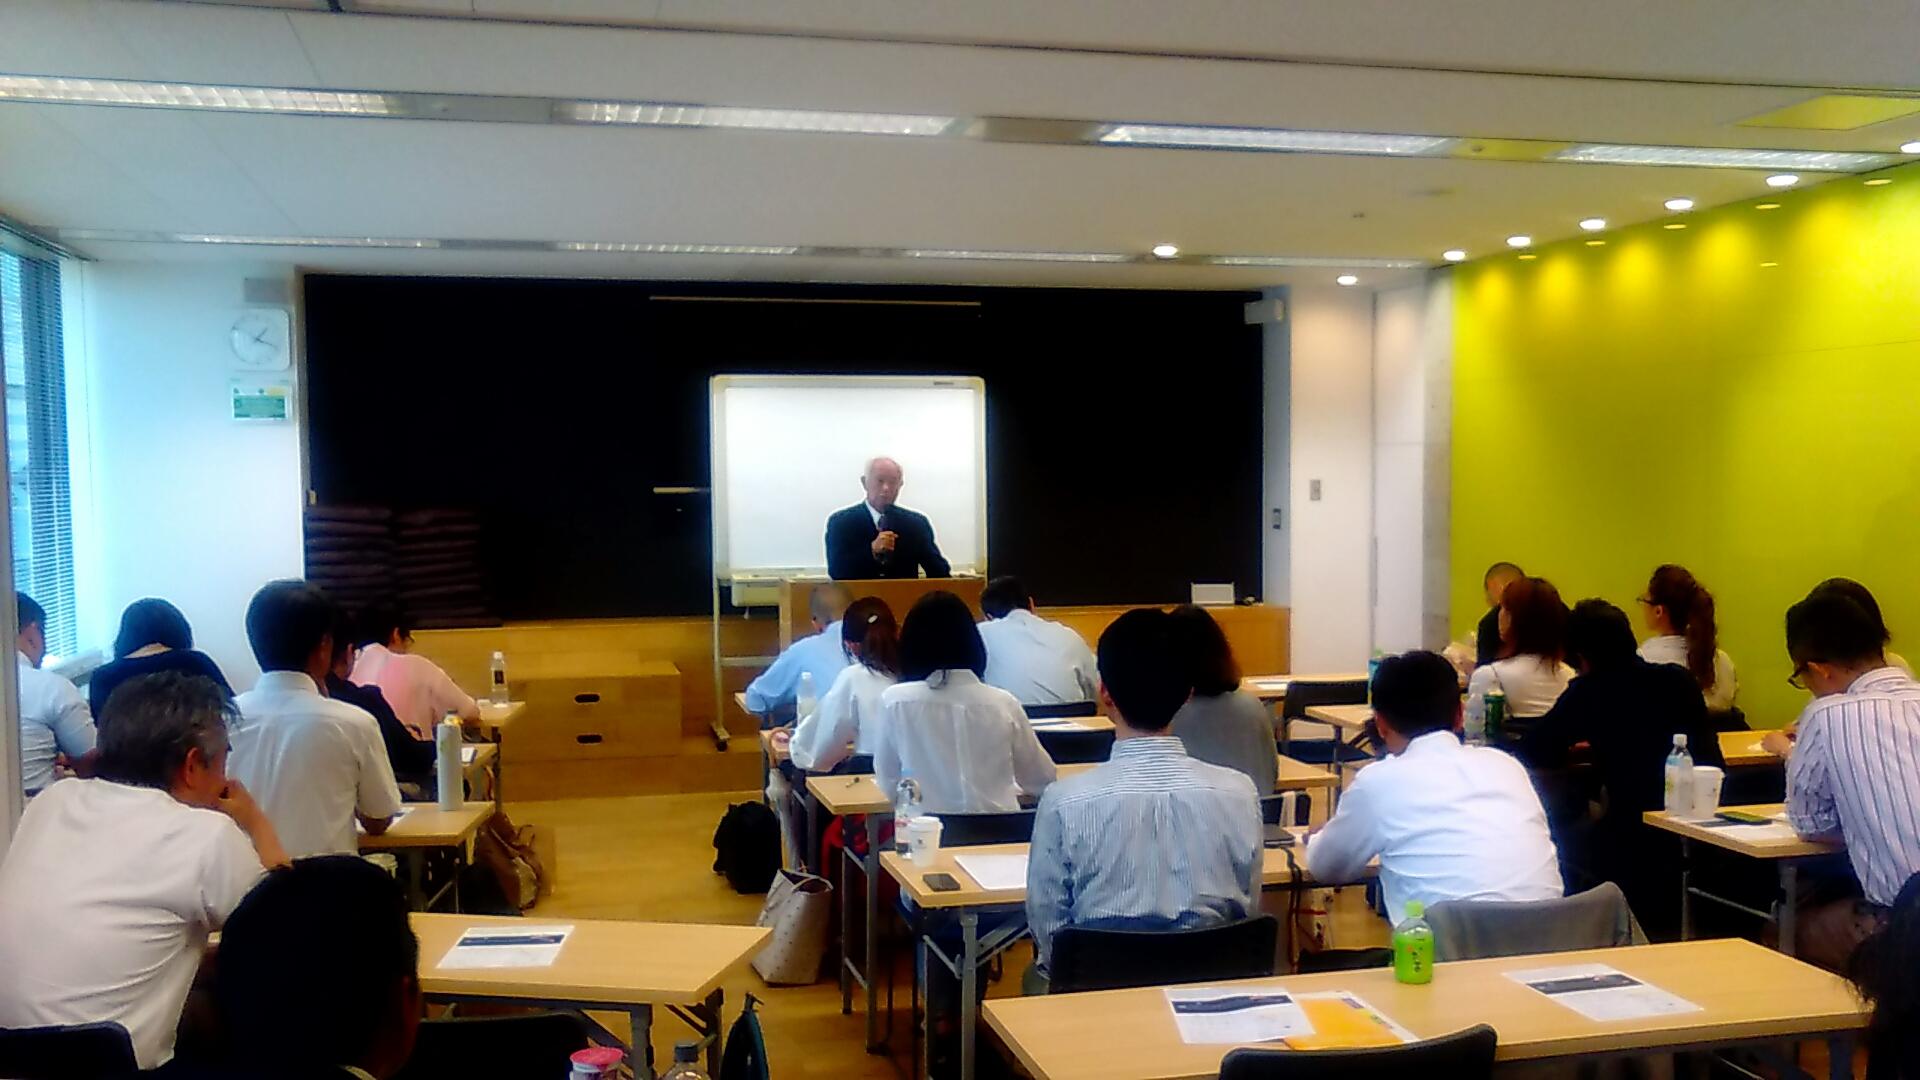 20180602131957 1 - 2018年6月2日東京思風塾開催しました。